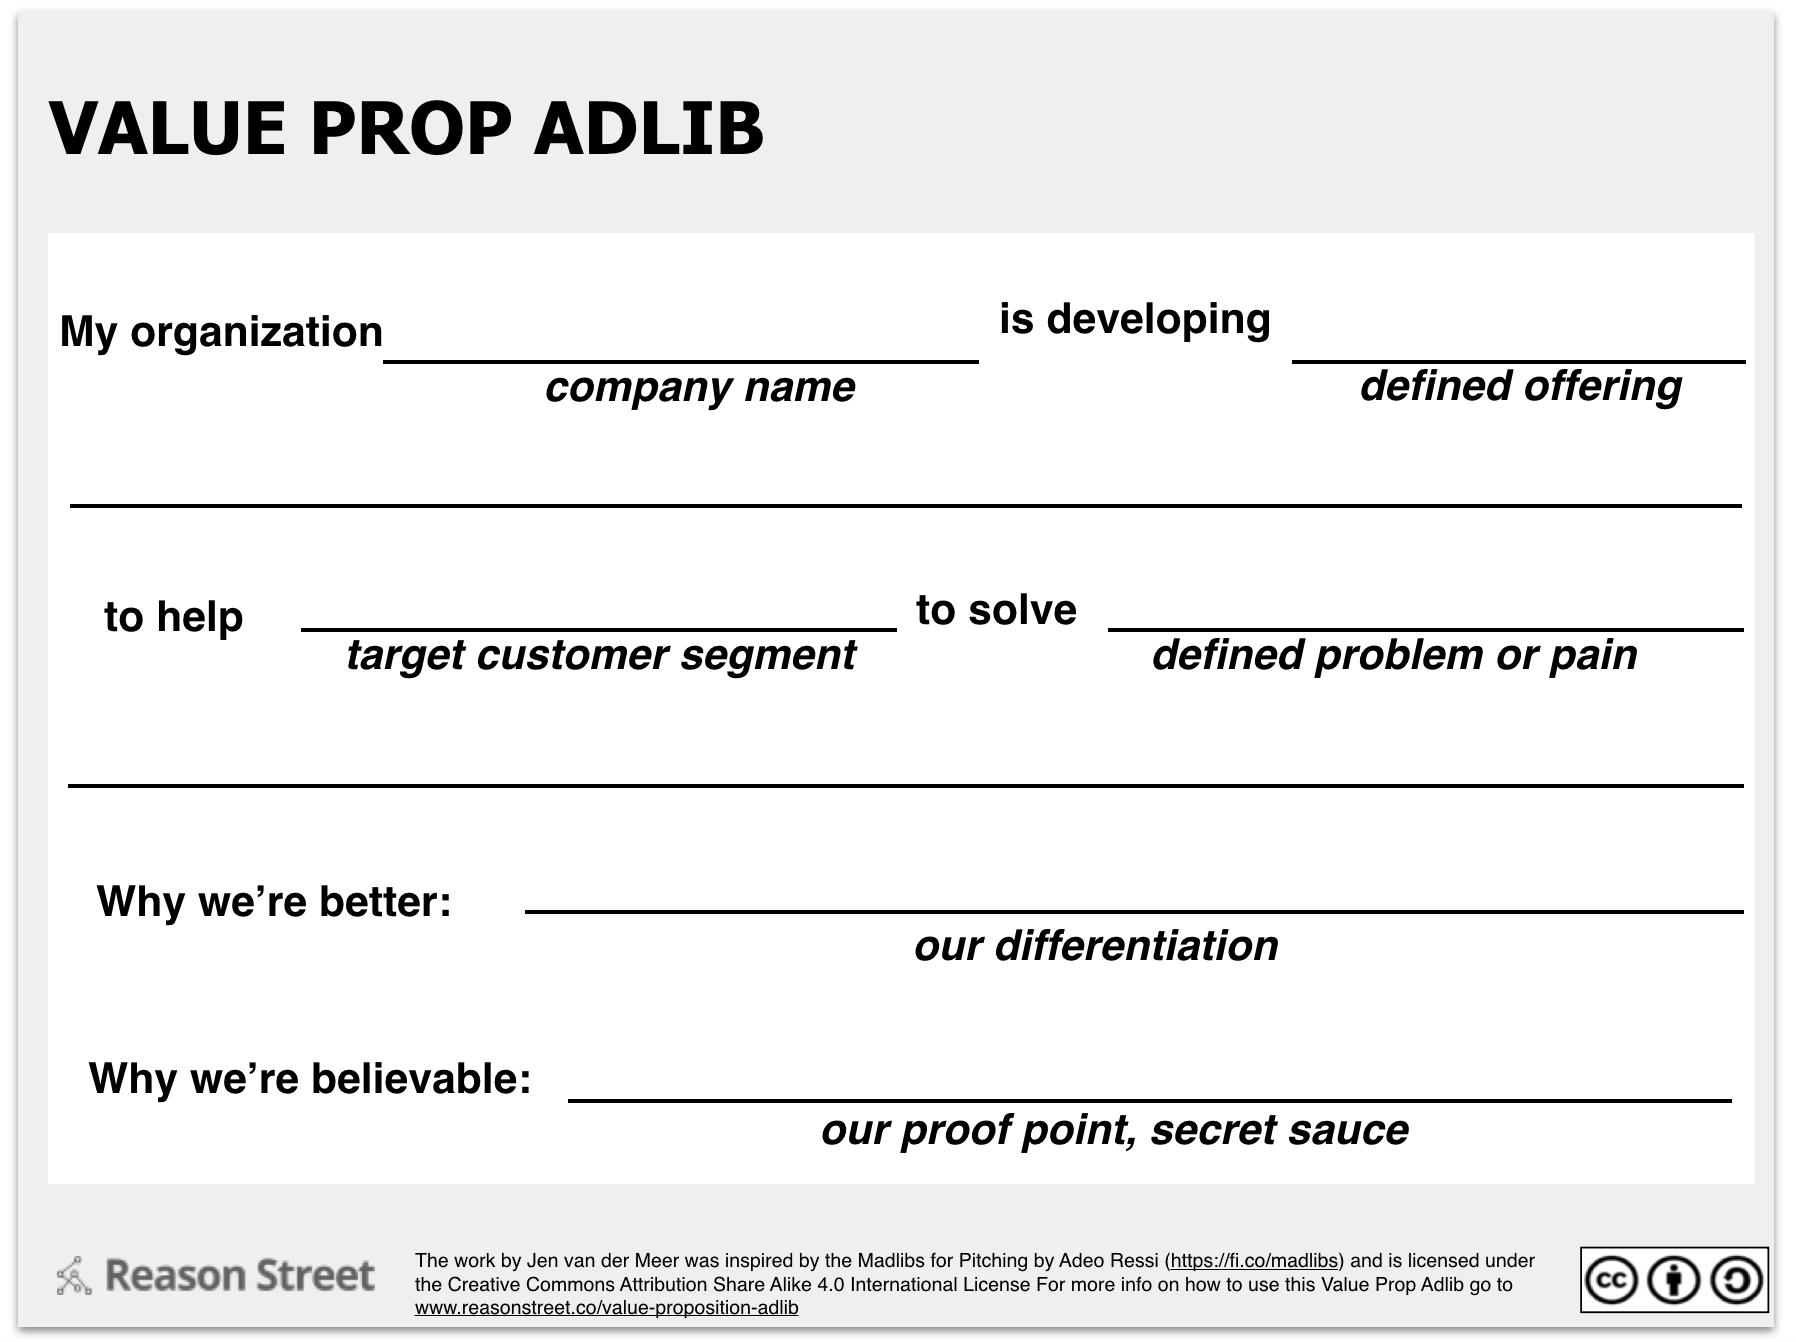 Value Prop Adlib